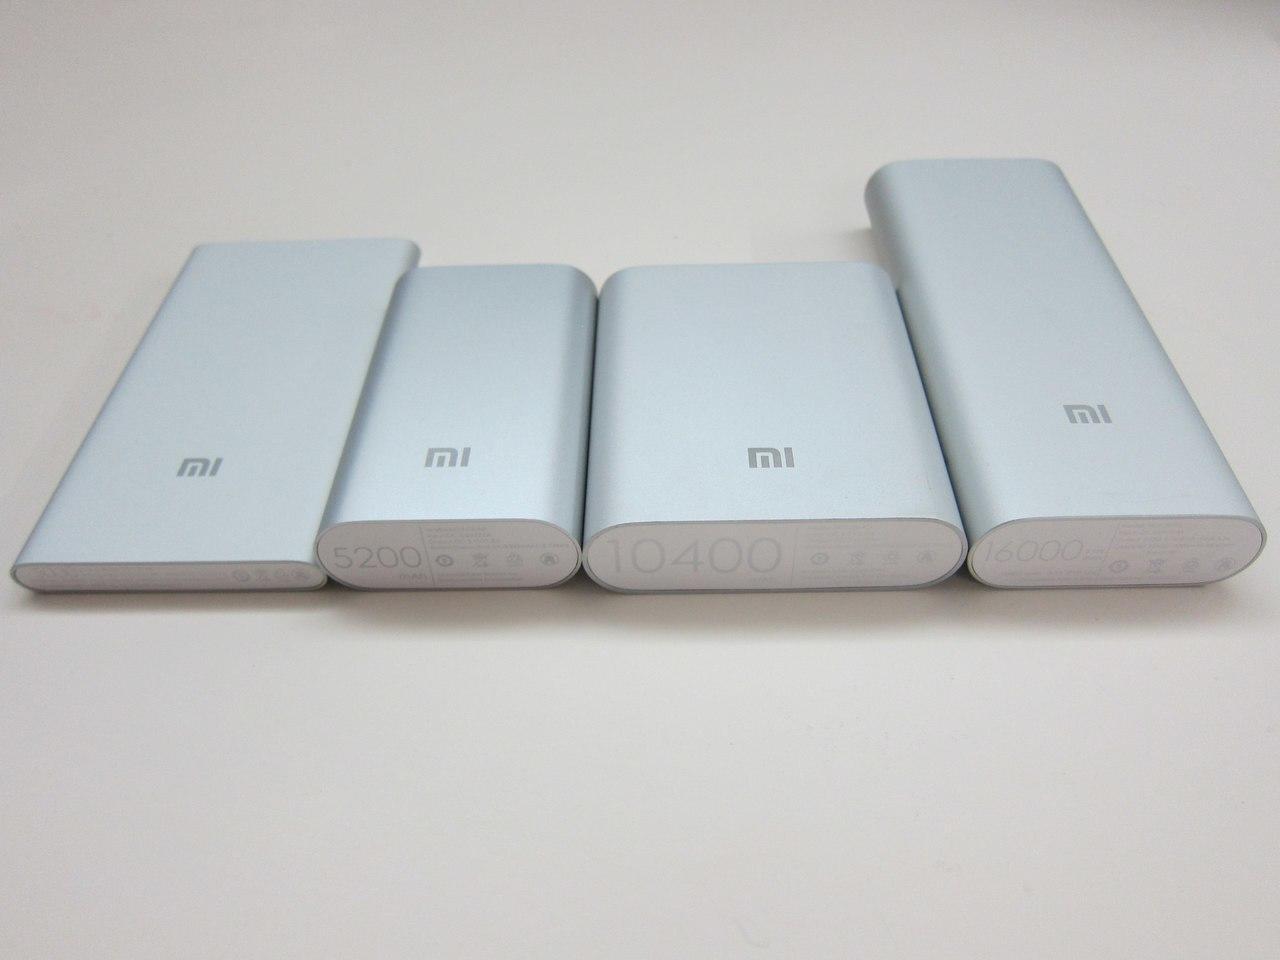 XiaoMi Power Bank 10400, 5000, 16000, 10000 mAh